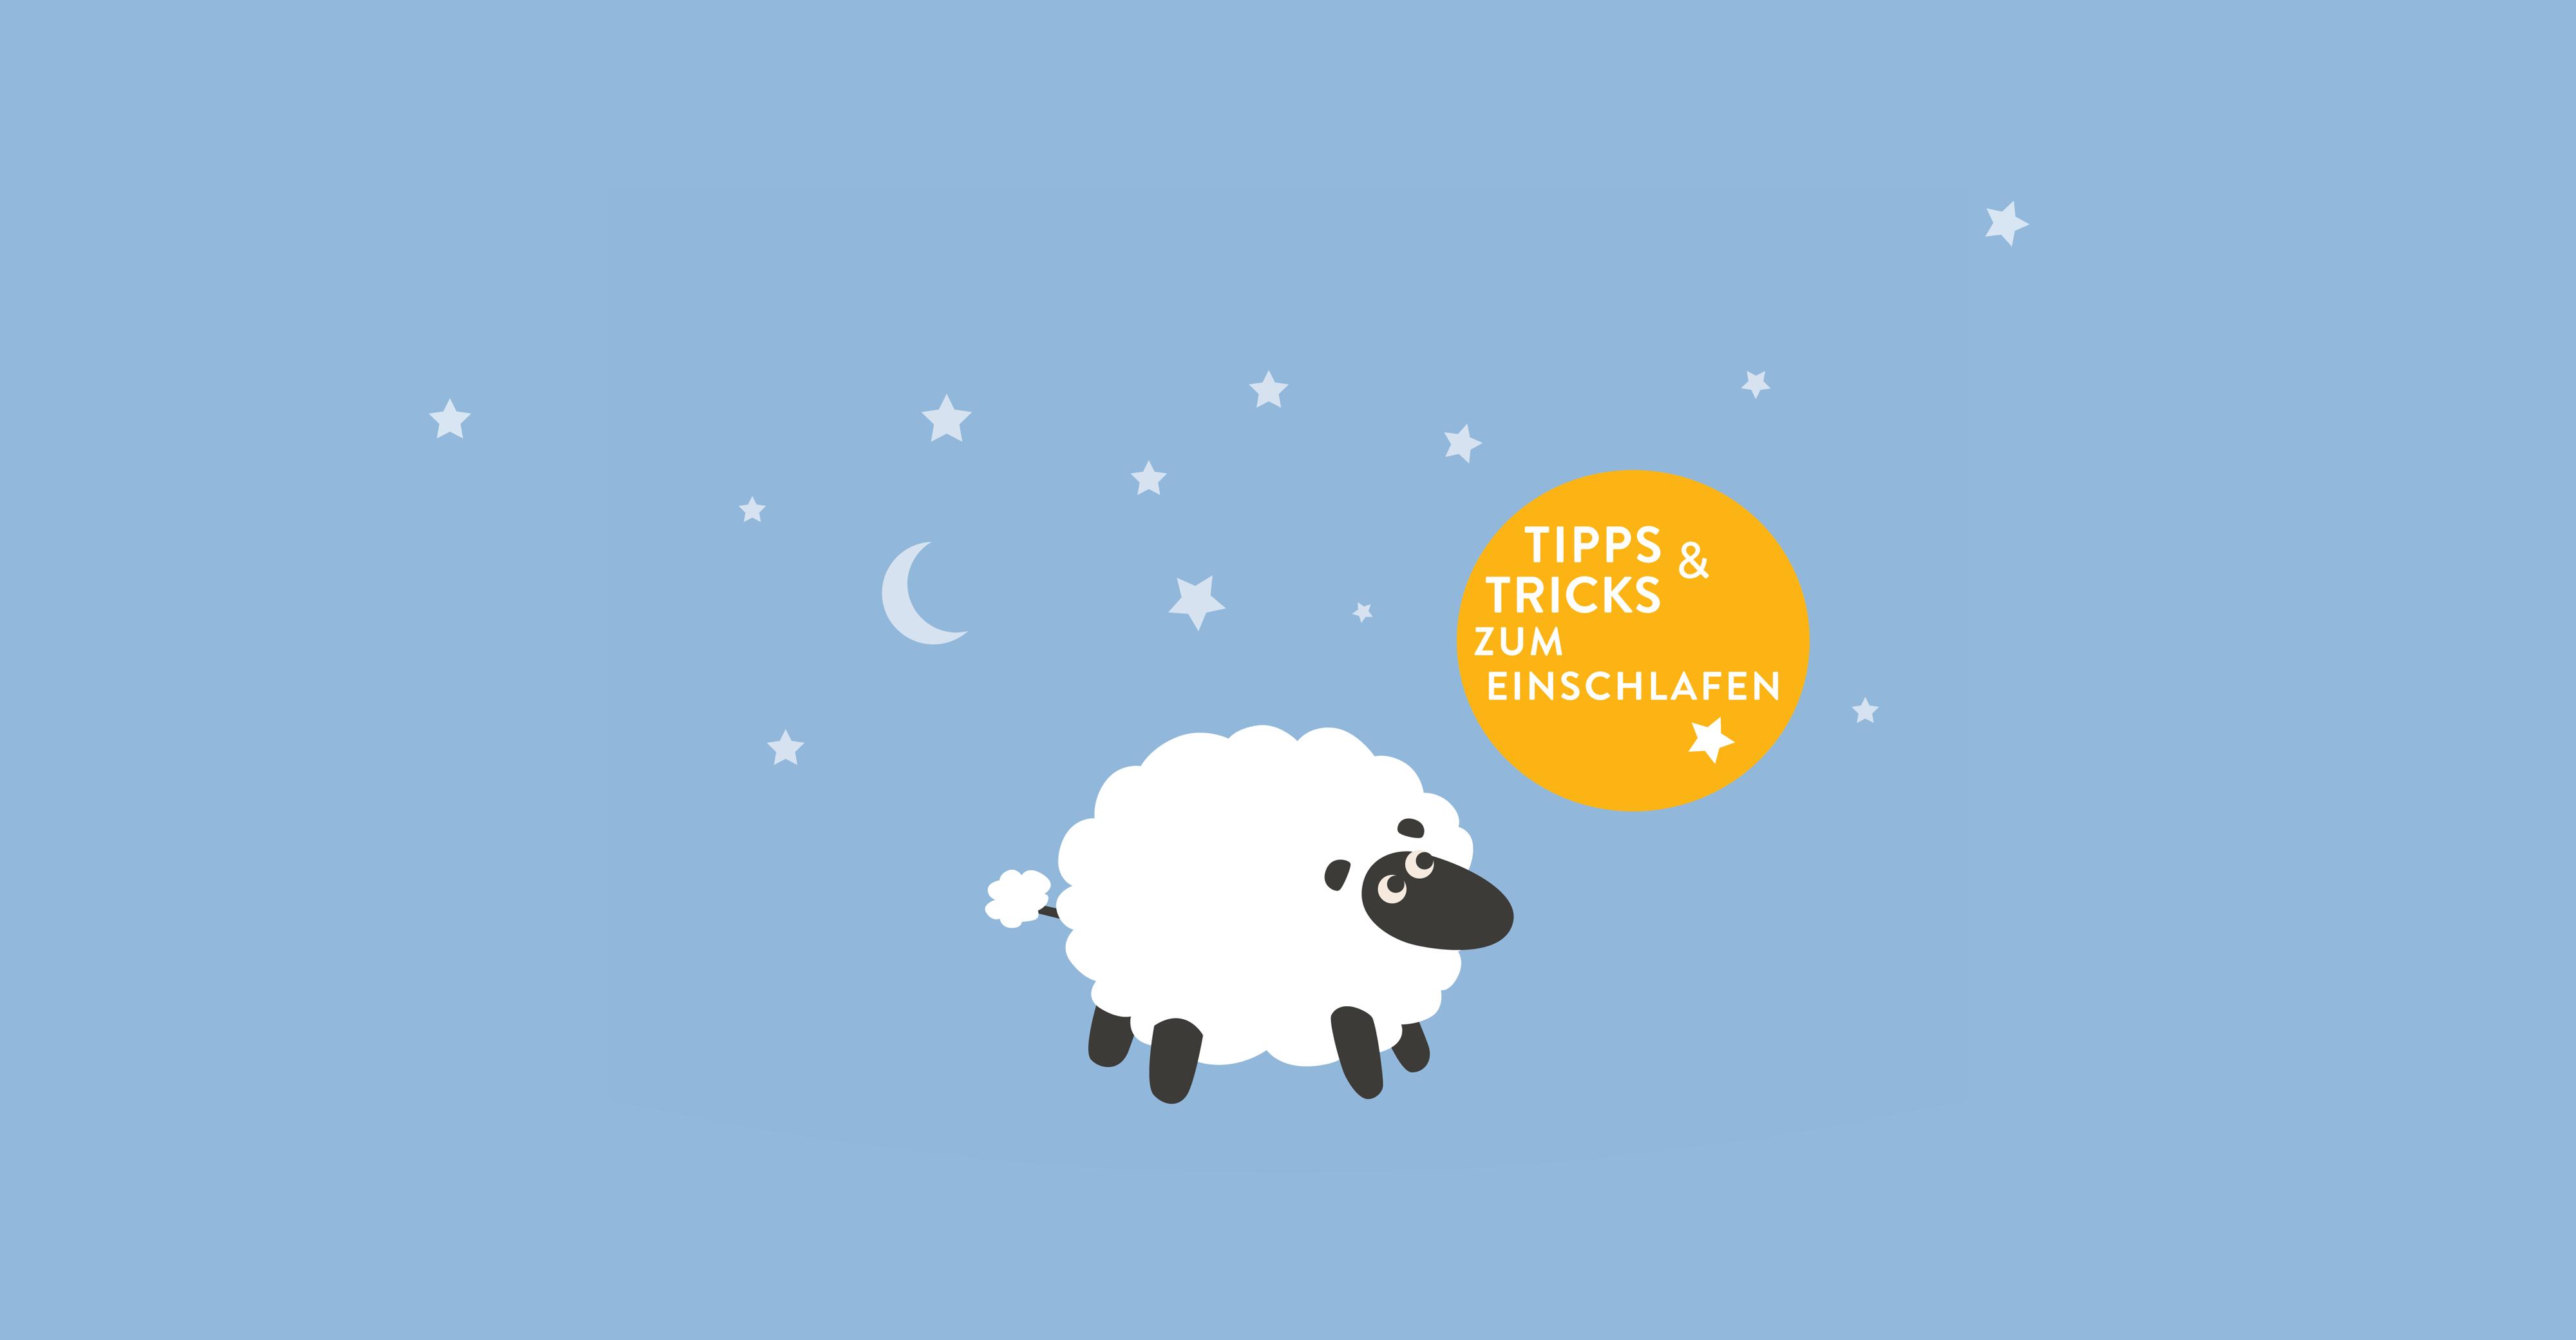 Schlaftipps: Tipps & Tricks zum Einschlafen